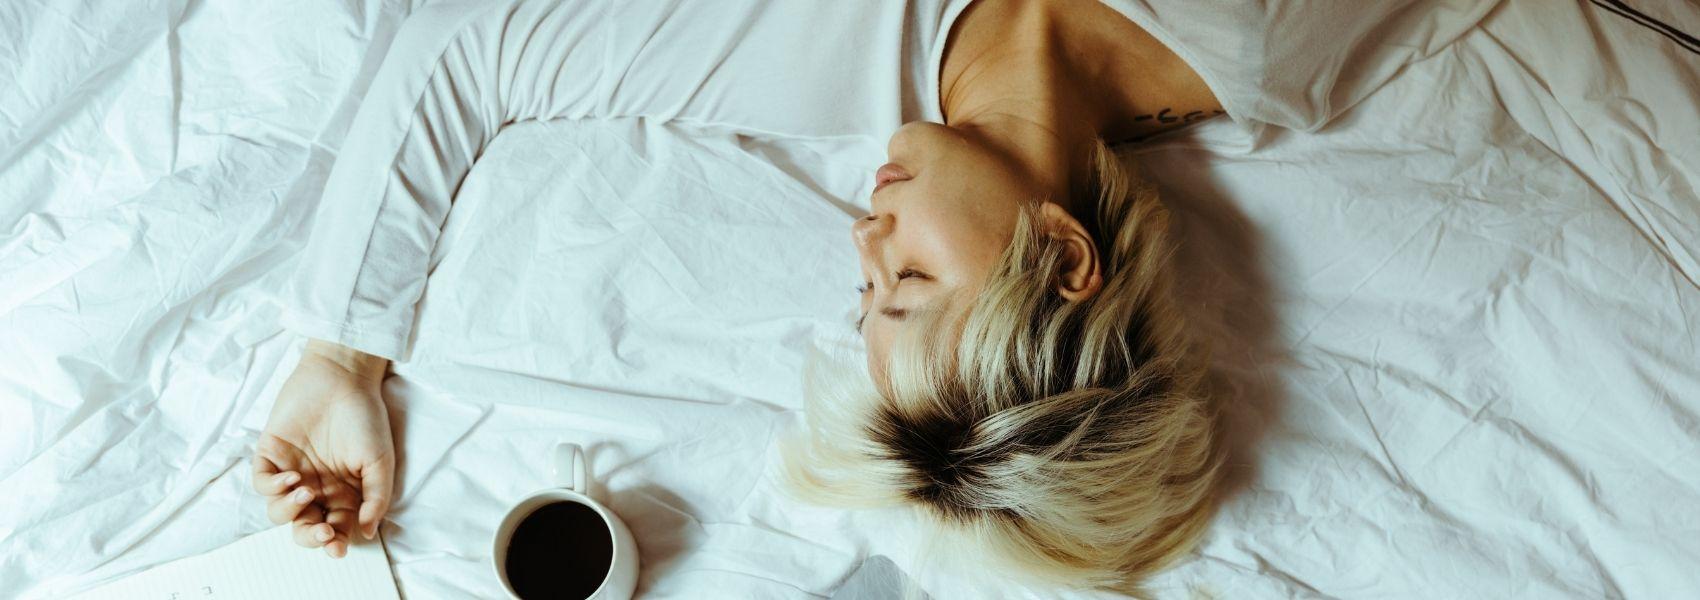 Estudo associa miopia a maus hábitos de sono e tempo em frente a ecrãs